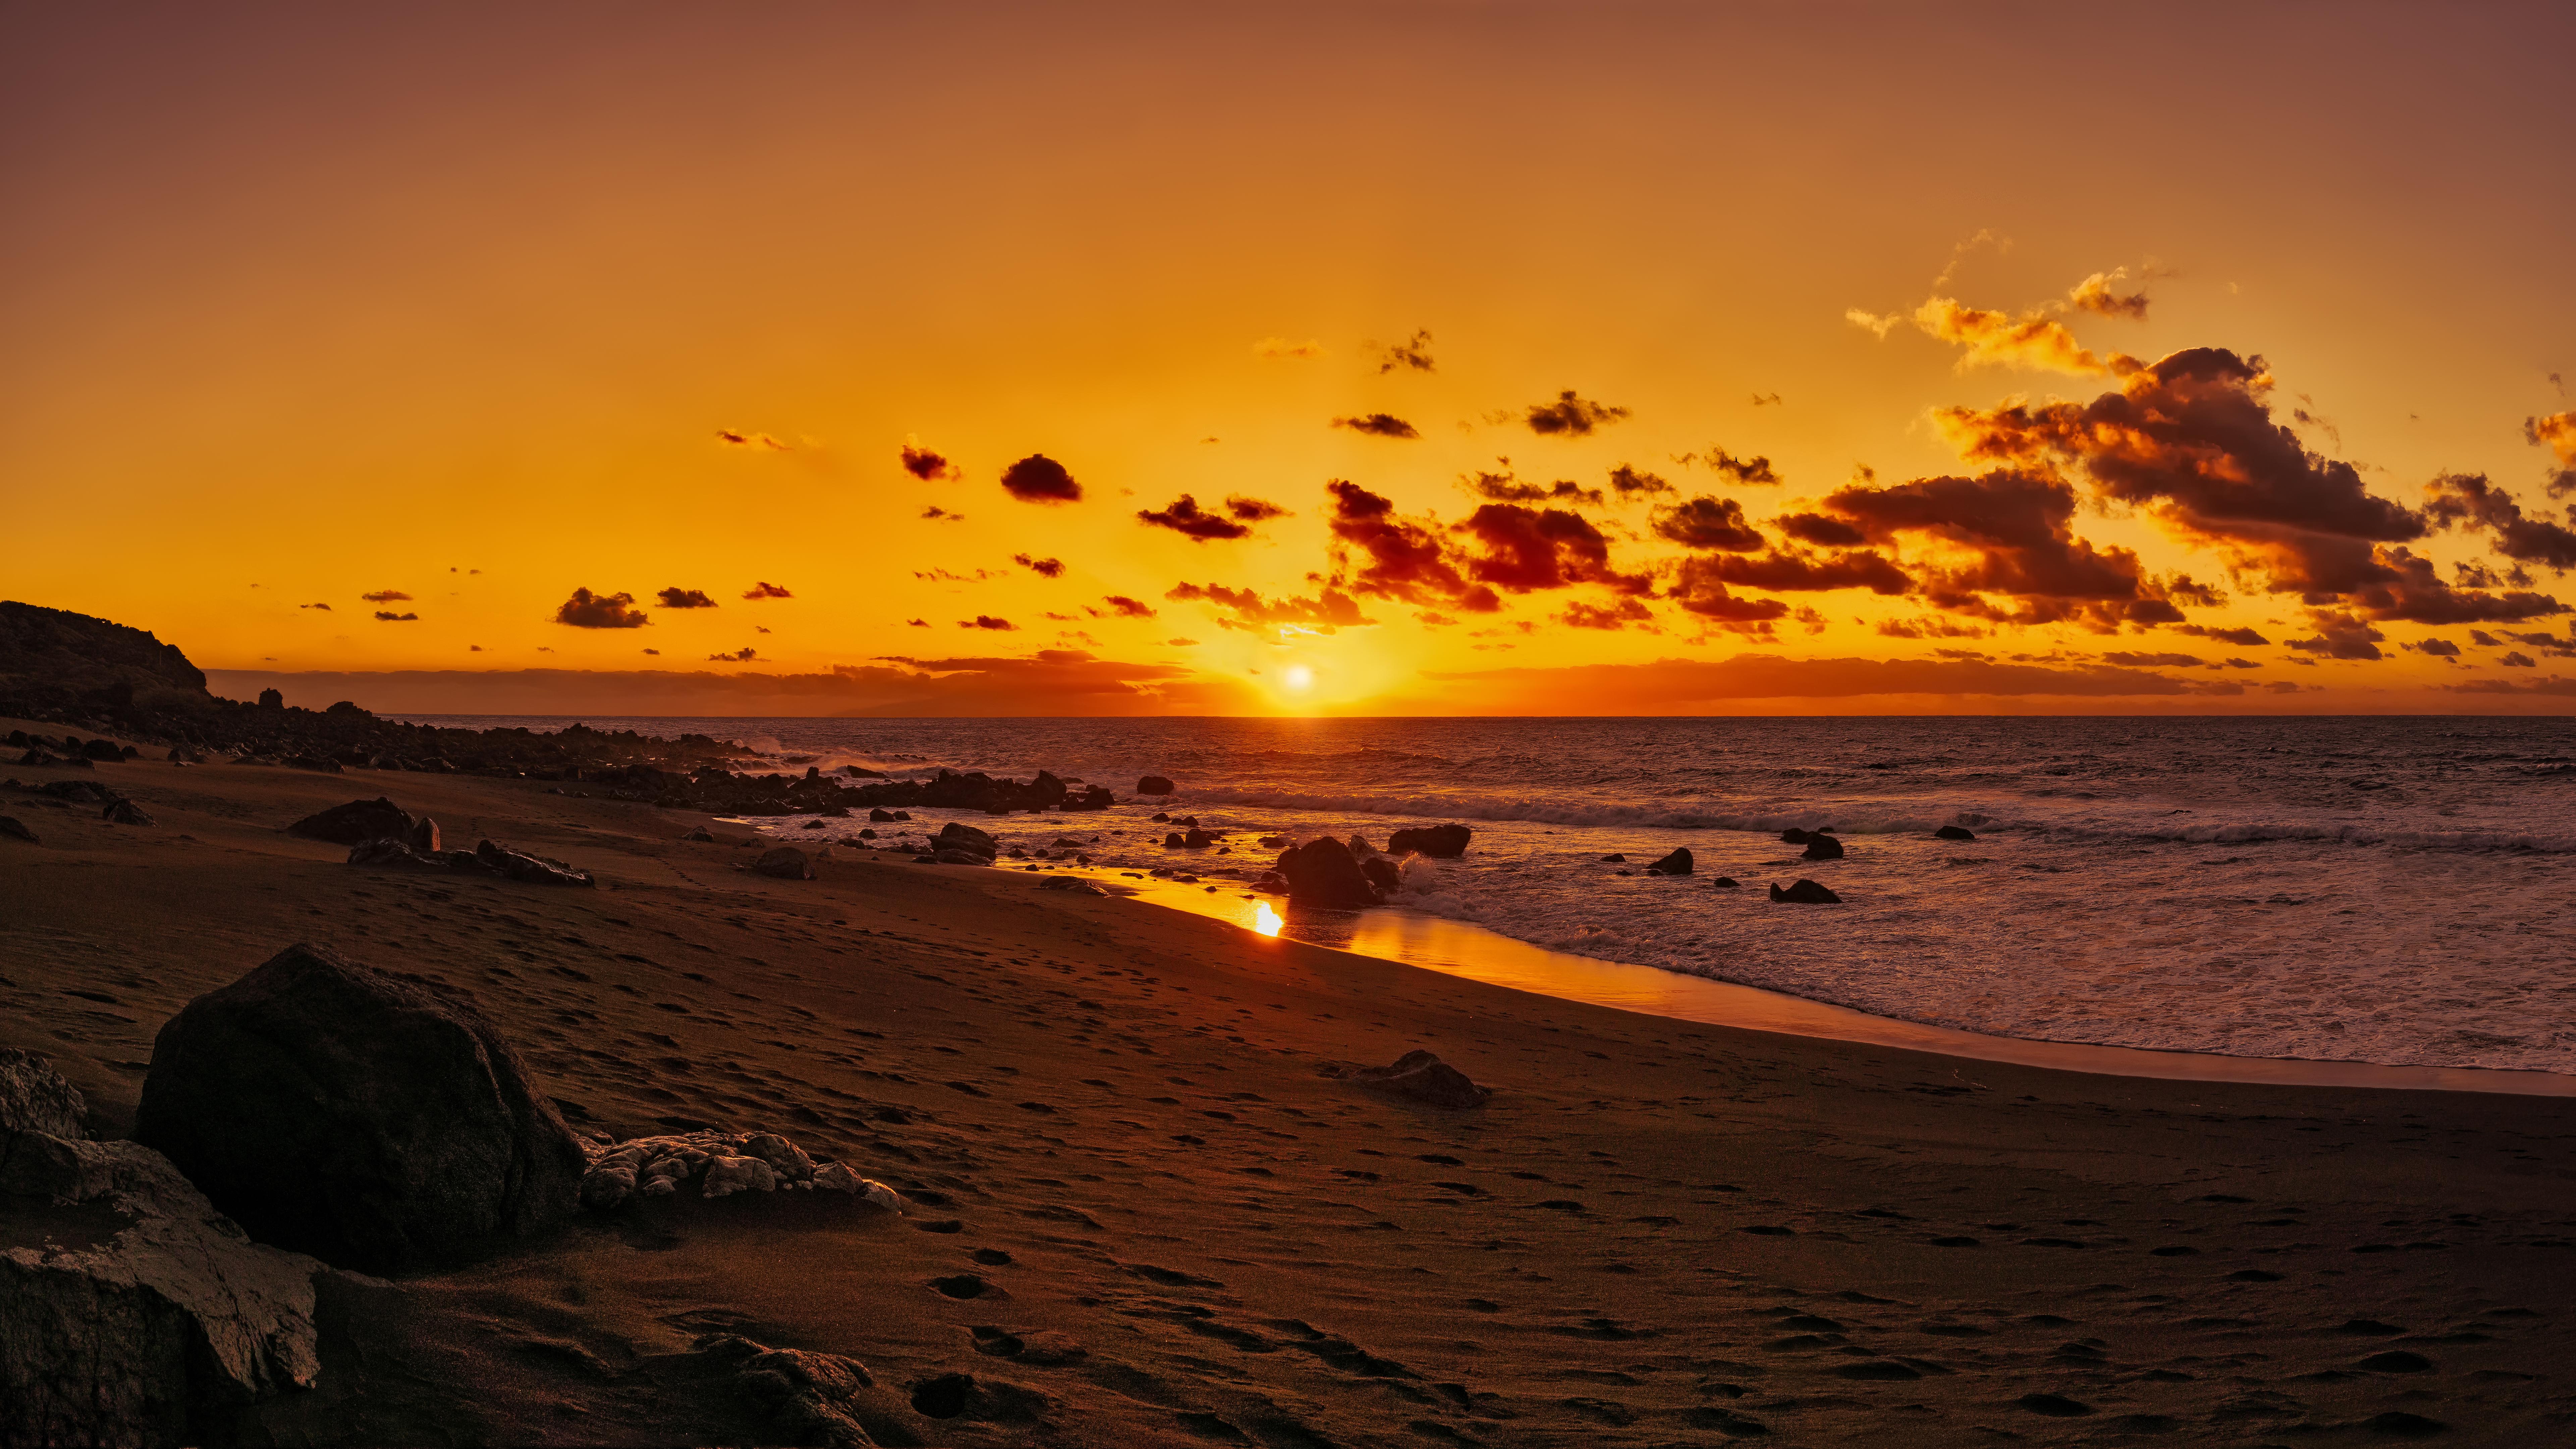 119167 Protetores de tela e papéis de parede Praia em seu telefone. Baixe Praia, Natureza, Pôr Do Sol, Areia, Horizonte, Costa, Banco, Oceano, Espanha, Ilhas Canárias fotos gratuitamente